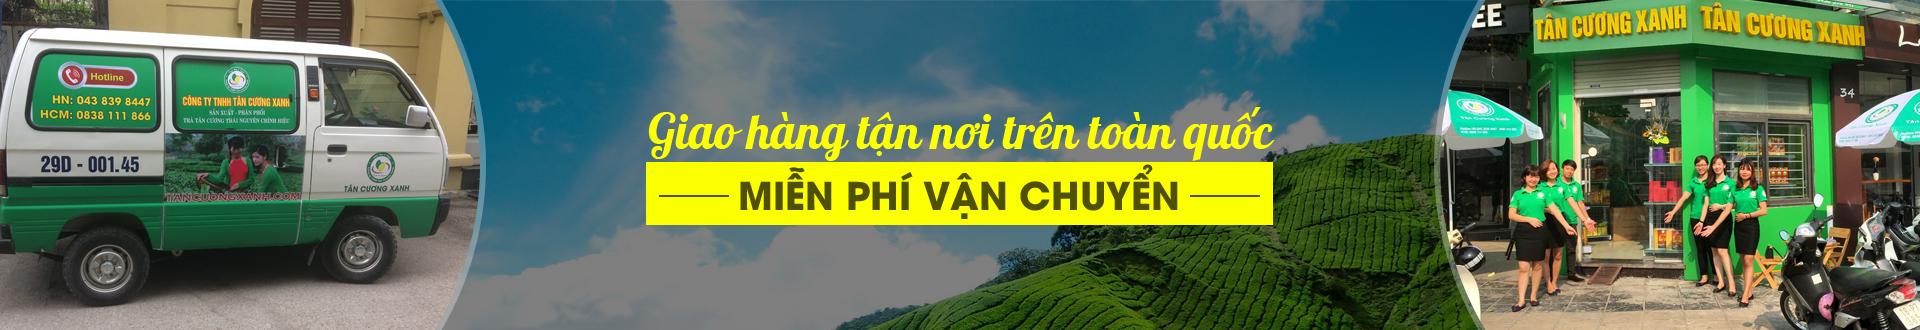 he thong showroom ban tra tan cuong thai nguyen tai ha noi 3.jpg